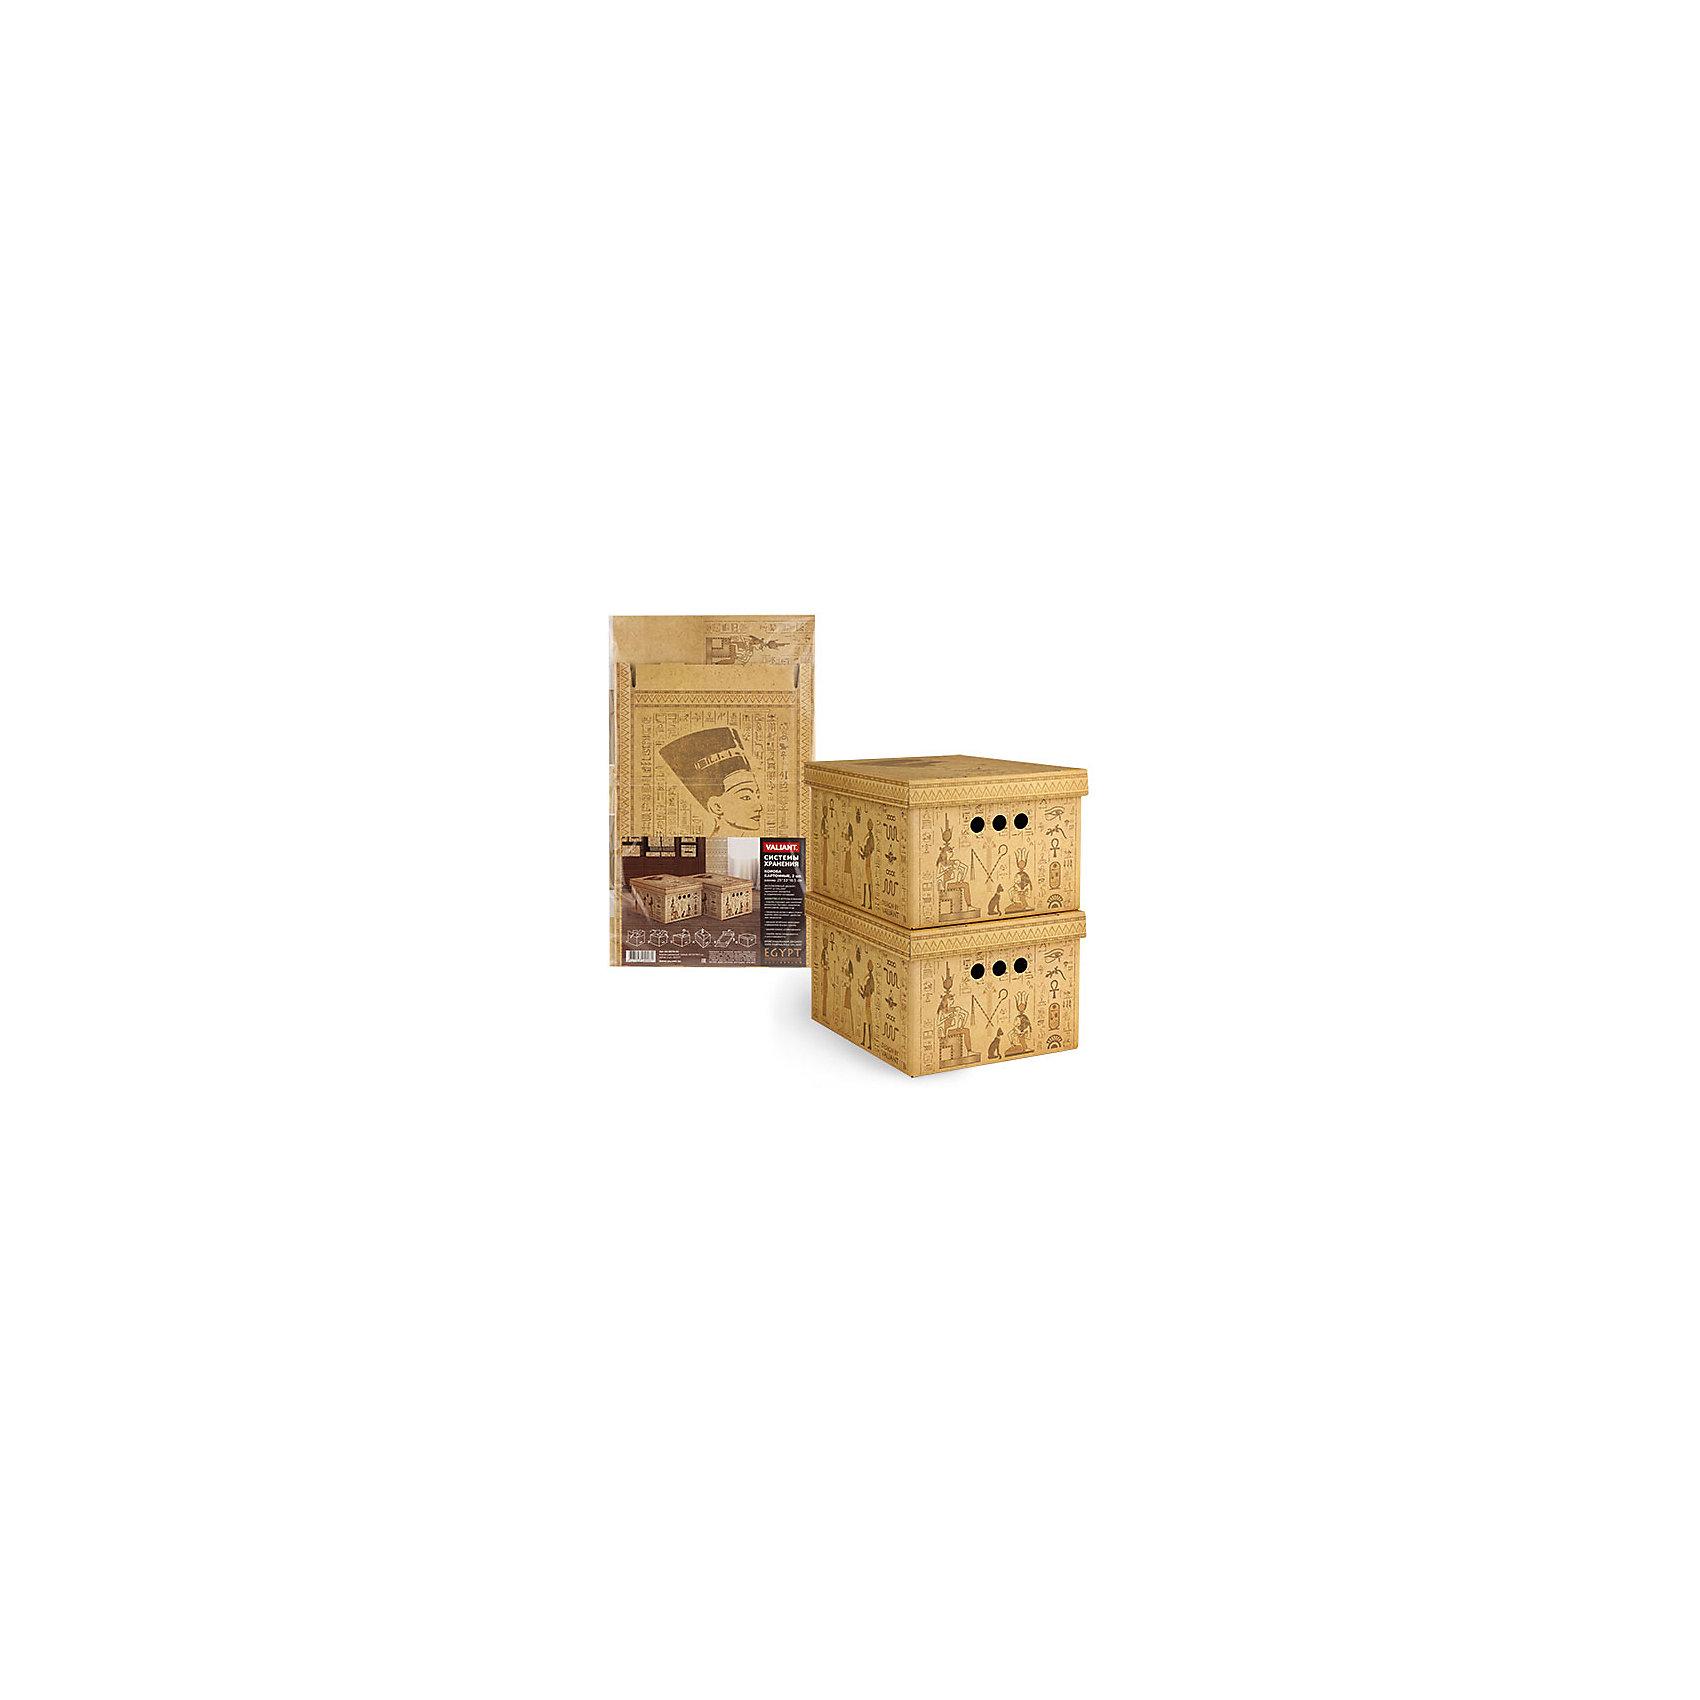 Короб картонный, складной, малый, 25*33*18.5 см, 2 шт., EGYPT, ValiantПорядок в детской<br>Короб картонный, складной, малый, 25*33*18.5 см, 2 шт., EGYPT, Valiant (Валиант) - это идеальное решение для хранения вещей.<br>Складные картонные короба EGYPT от Valiant (Валиант) идеально подходят для хранения различных бытовых предметов, аксессуаров и одежды. Они изготовлены микрогофрокартона. Прорезные ручки с двух сторон коробов обеспечивают удобство при переноске. Крышки эстетично закрывает содержимое внутри коробов. Изделия отличаются мобильностью: легко раскладываются и складываются. Короба можно штабелировать. <br><br>Дополнительная информация:<br><br>- В наборе: 2 шт.<br>- Размер: 25х33х18,5 см.<br>- Материал: микрогофрокартон<br>- Цвет: бежевый<br><br>Короб картонный, складной, малый, 25*33*18.5 см, 2 шт., EGYPT, Valiant (Валиант) можно купить в нашем интернет-магазине.<br><br>Ширина мм: 340<br>Глубина мм: 15<br>Высота мм: 580<br>Вес г: 425<br>Возраст от месяцев: 36<br>Возраст до месяцев: 1080<br>Пол: Унисекс<br>Возраст: Детский<br>SKU: 4993413